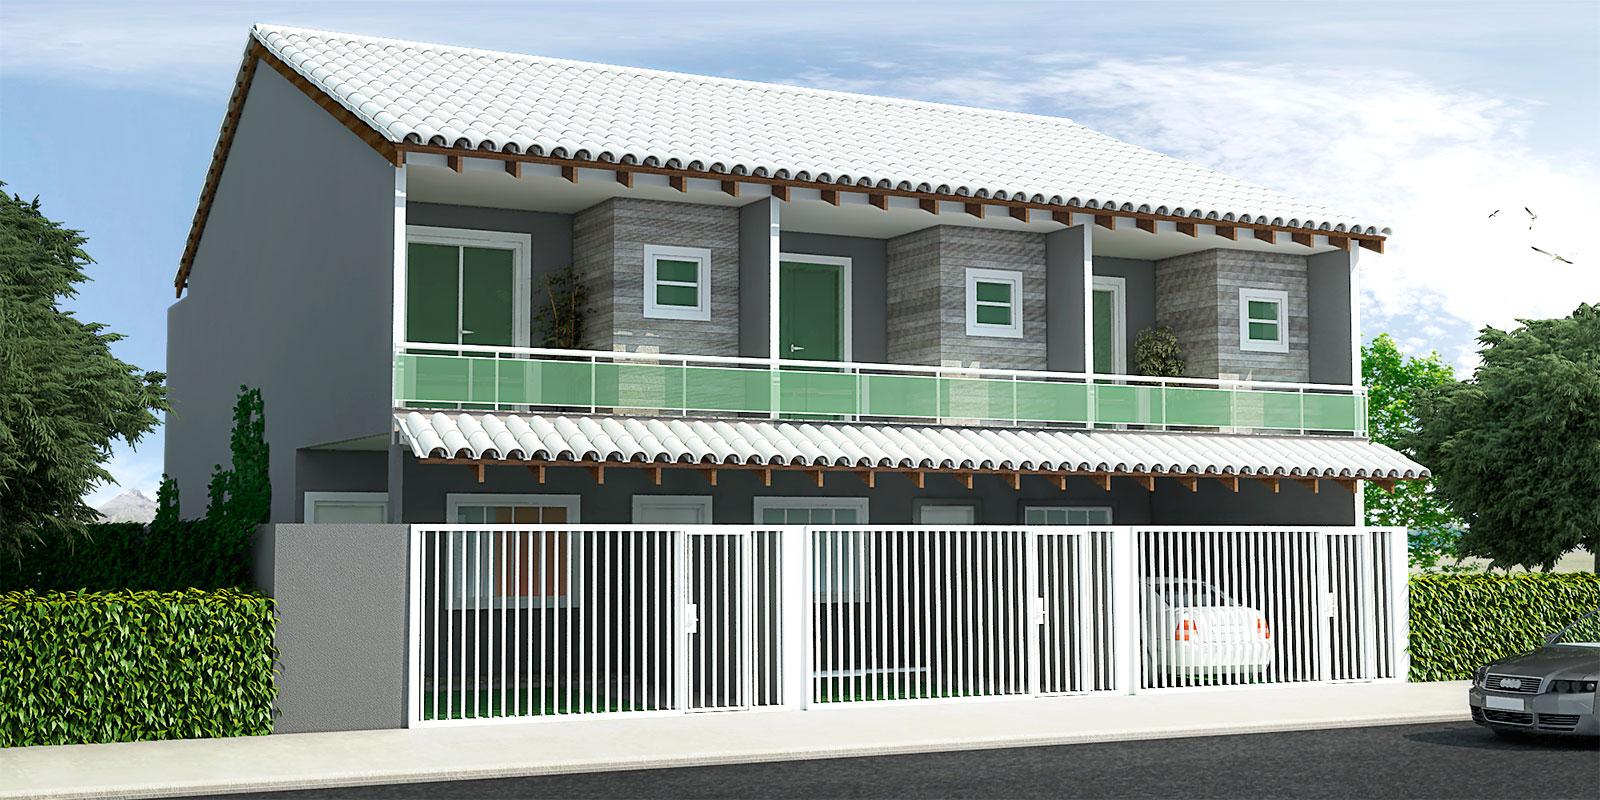 Perspectiva-ilustrativa-Muriquei-rj-fachada-condominio